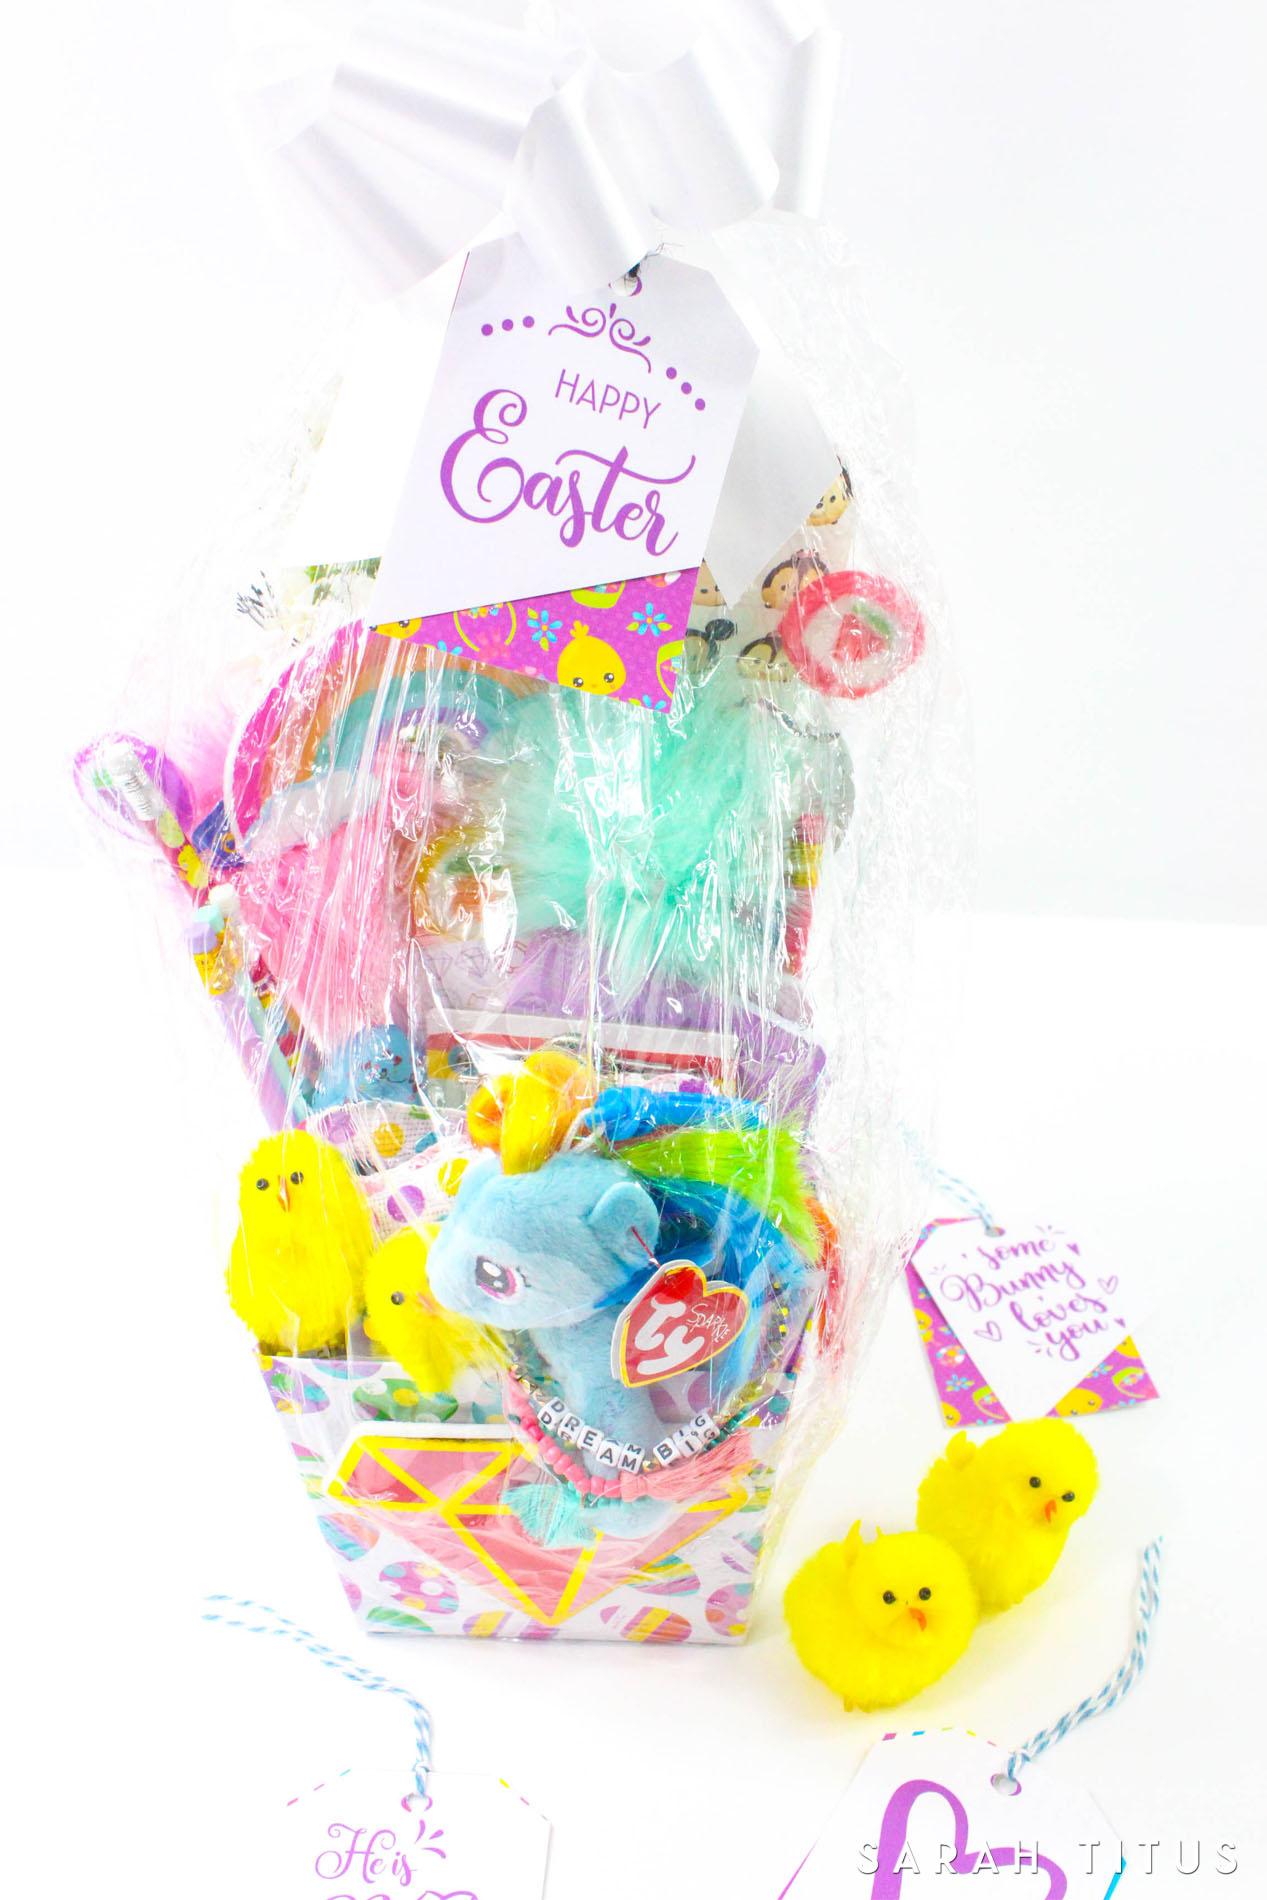 Free Printable Easter Gift Tags - Sarah Titus - Free Printable Easter Basket Name Tags